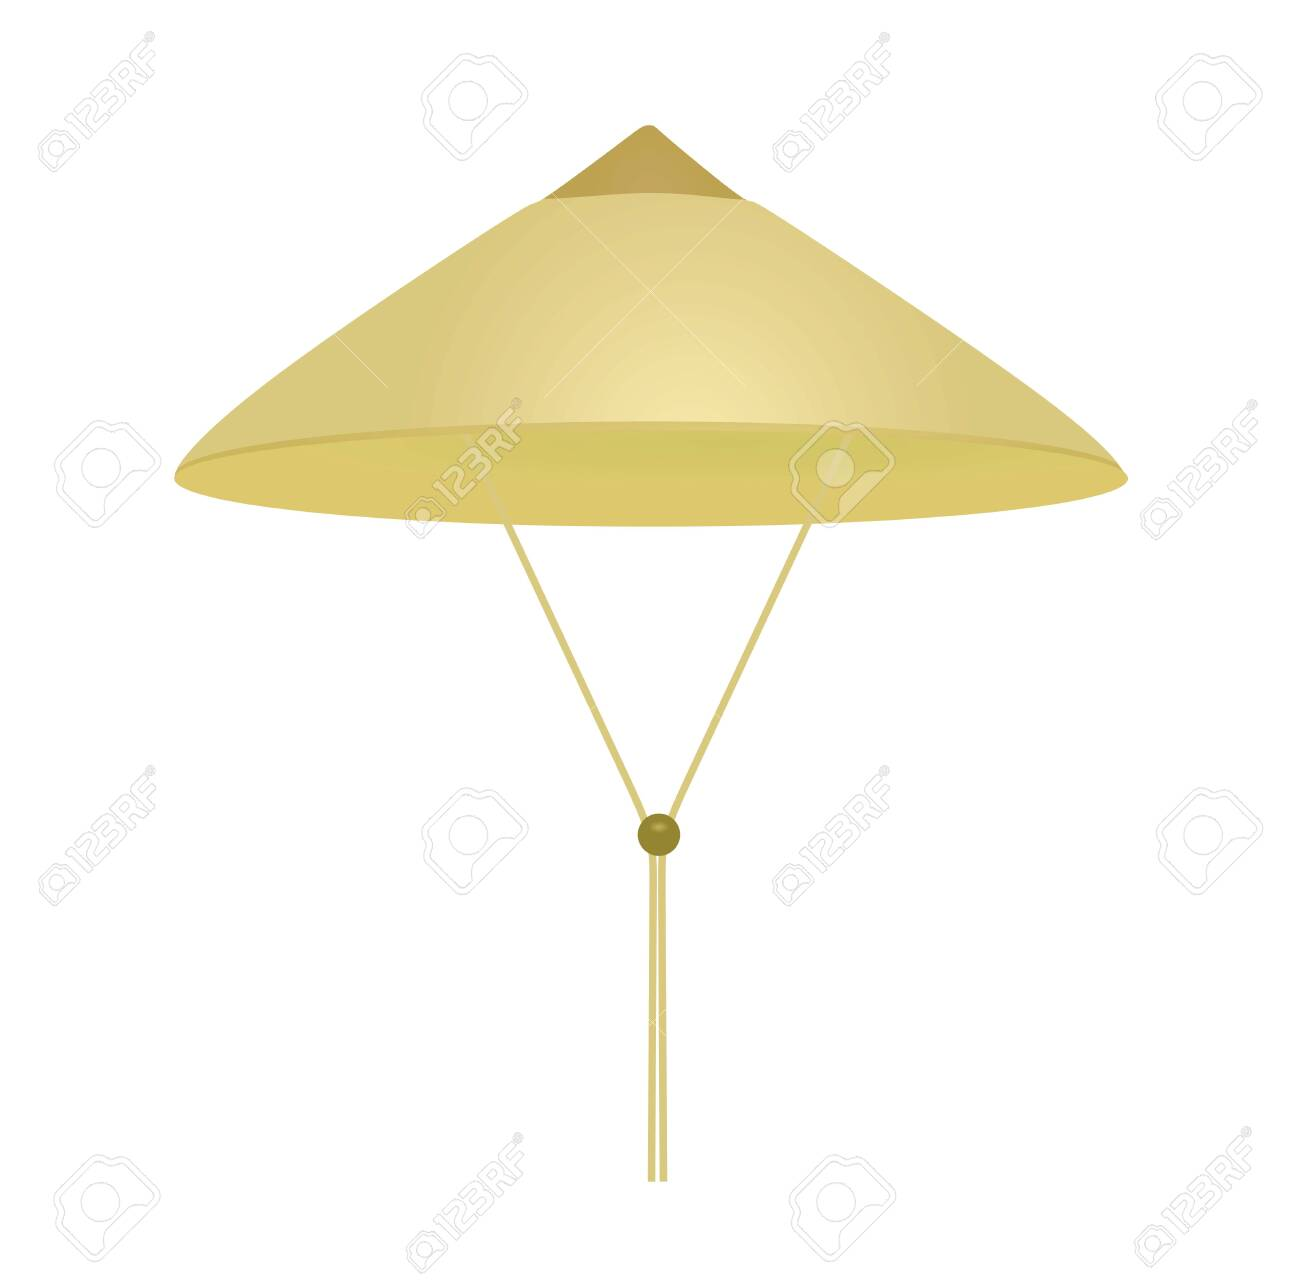 Beige vietnamese hat. vector illustration - 139627778